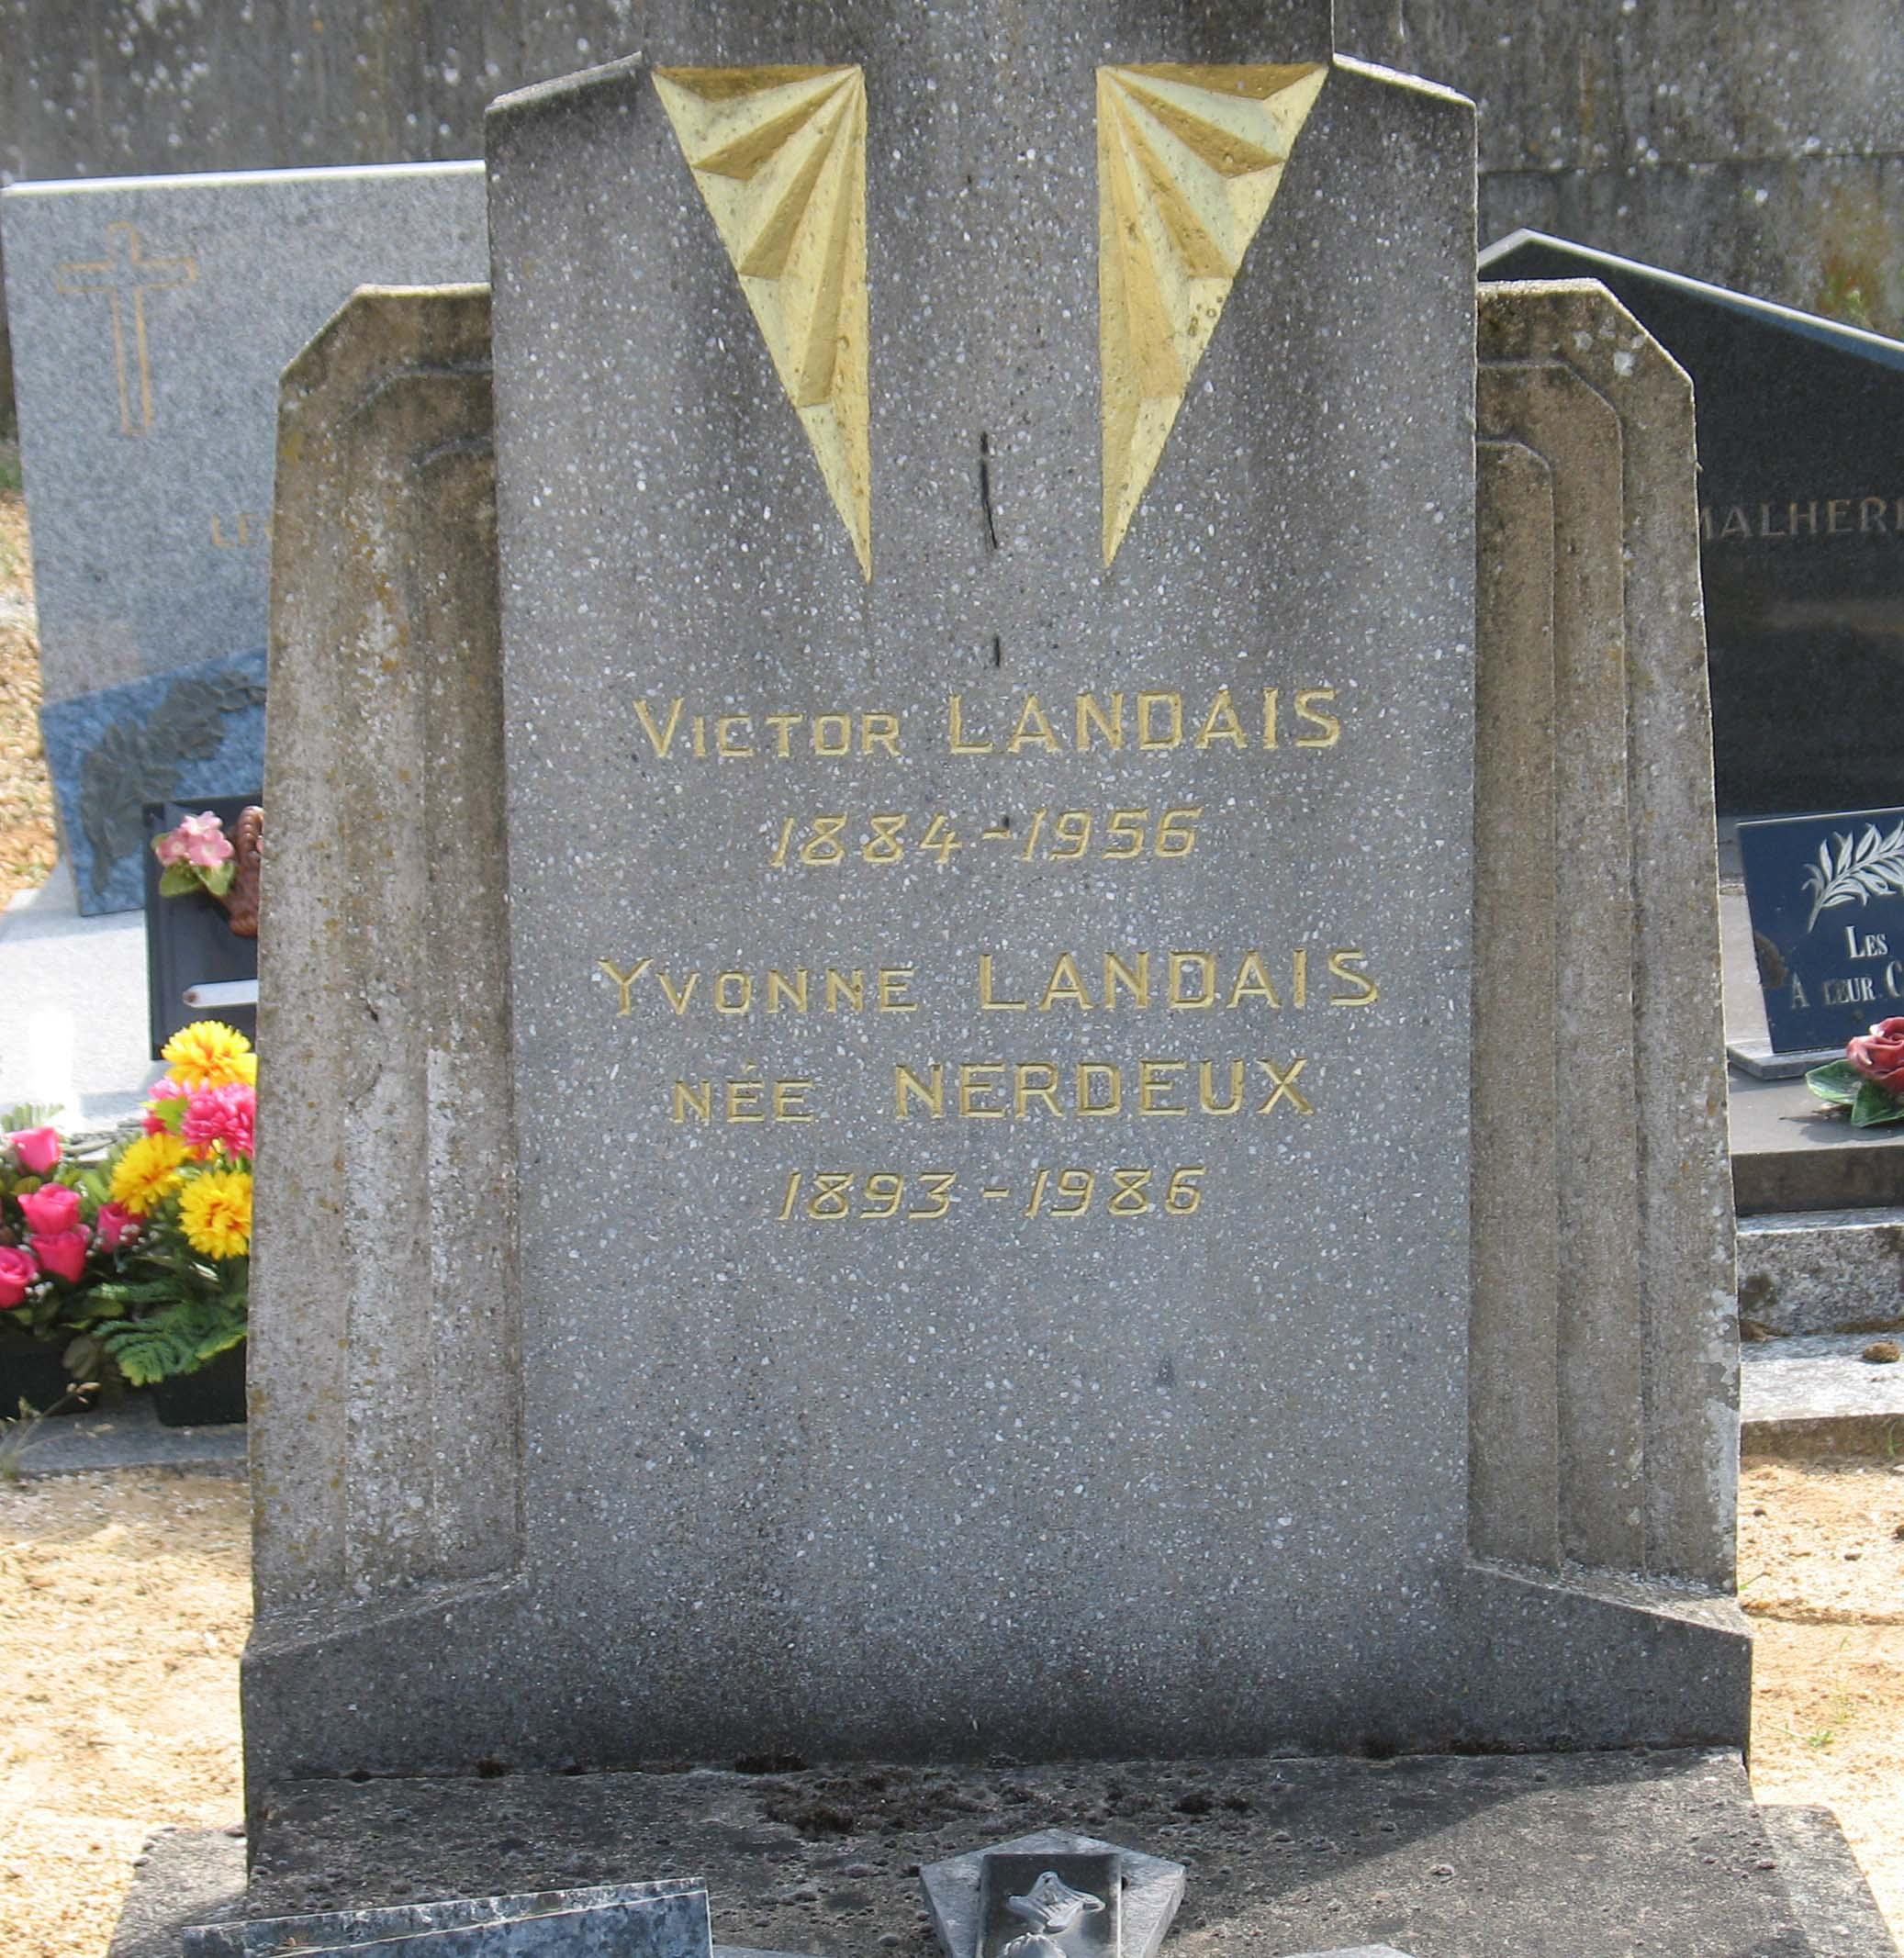 Chemiré en Charnie - Cimetière - LANDAIS Victor et NERDEUX Yvonne 02 (Sylvie Leveau)